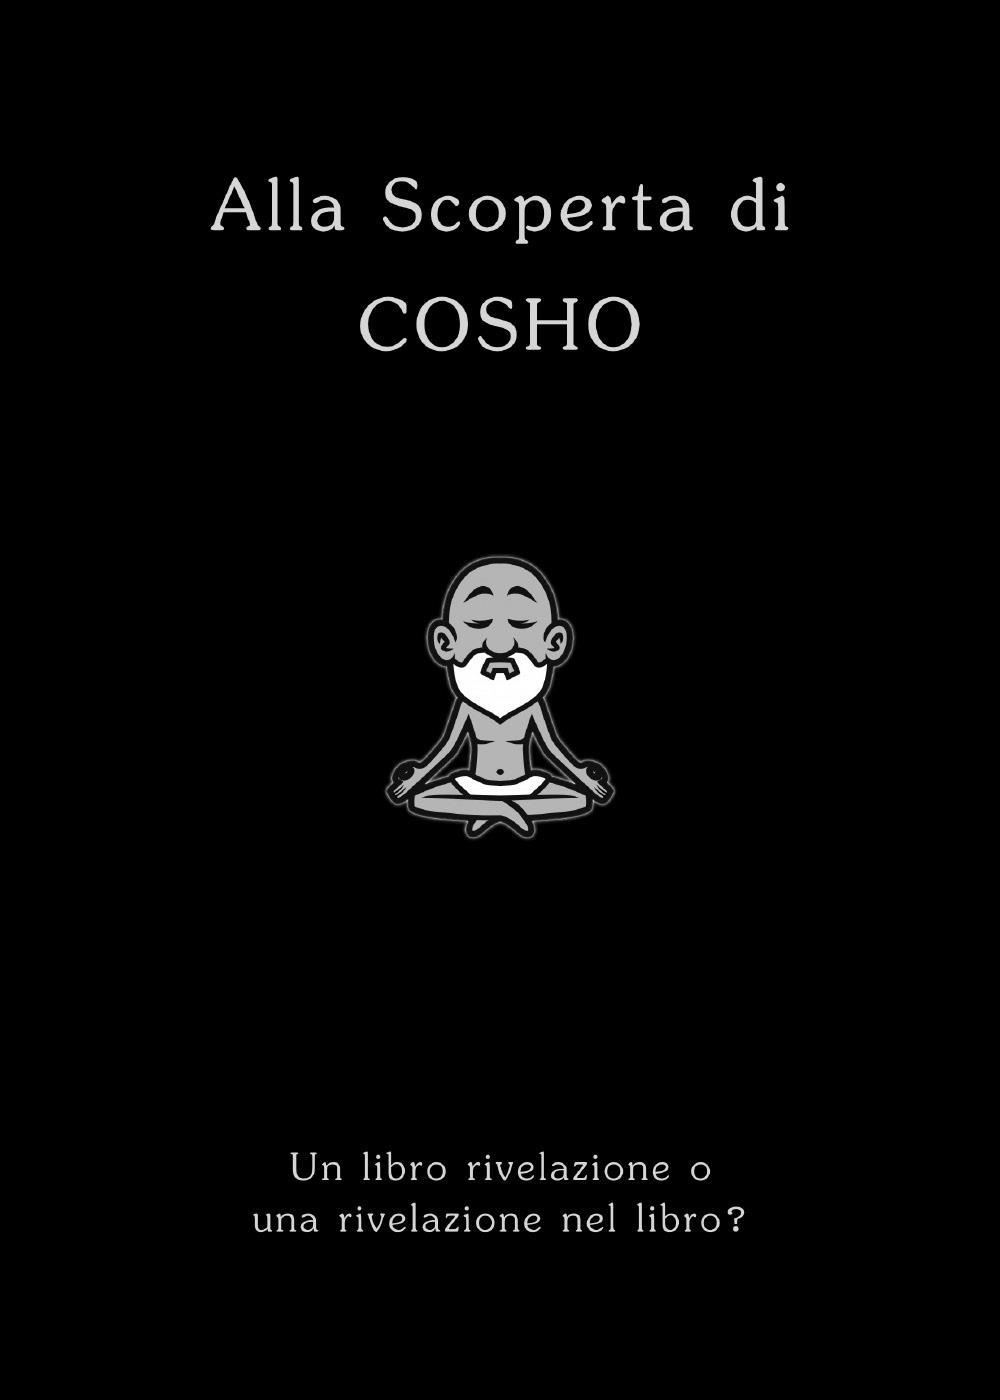 Alla Scoperta di COSHO